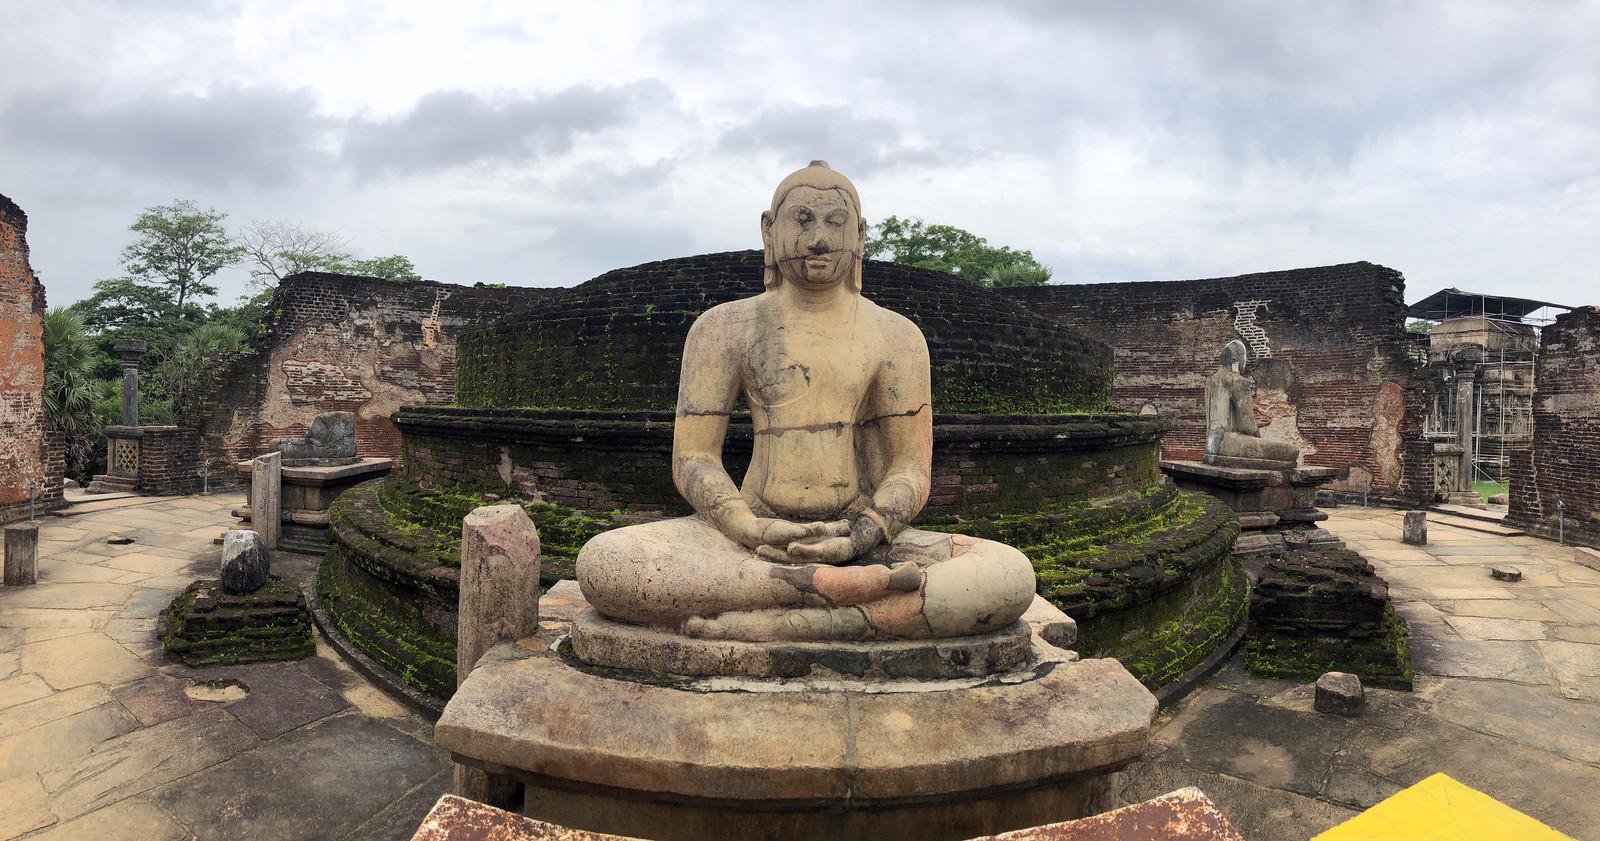 Visitar Polonnaruwa, la antigua capital de Sri Lanka visitar polonnaruwa - 46865620461 11cc96644d h - Visitar Polonnaruwa, la antigua capital de Sri Lanka